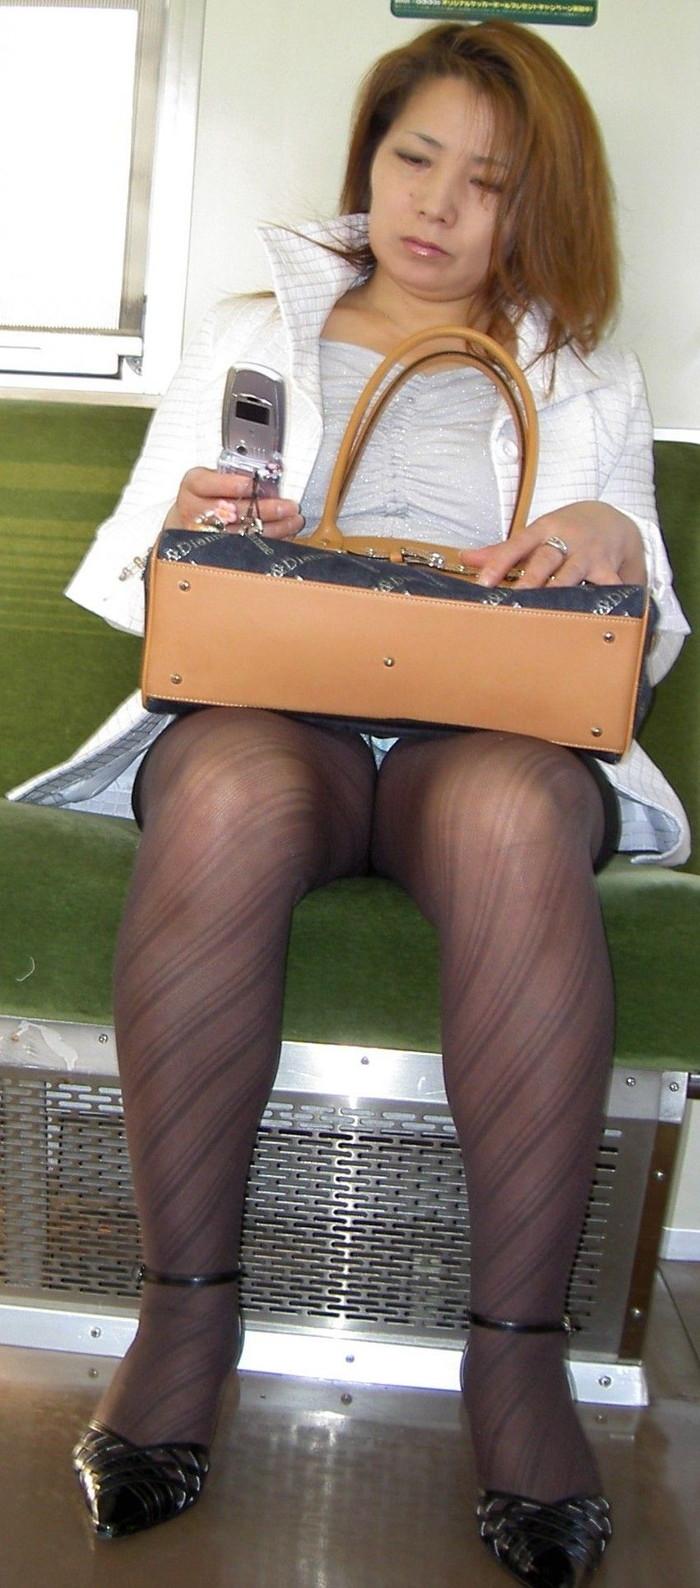 【電車内盗撮エロ画像】電車内で油断している女の子たちのパンチラ、胸チラ狙ってみた! 25